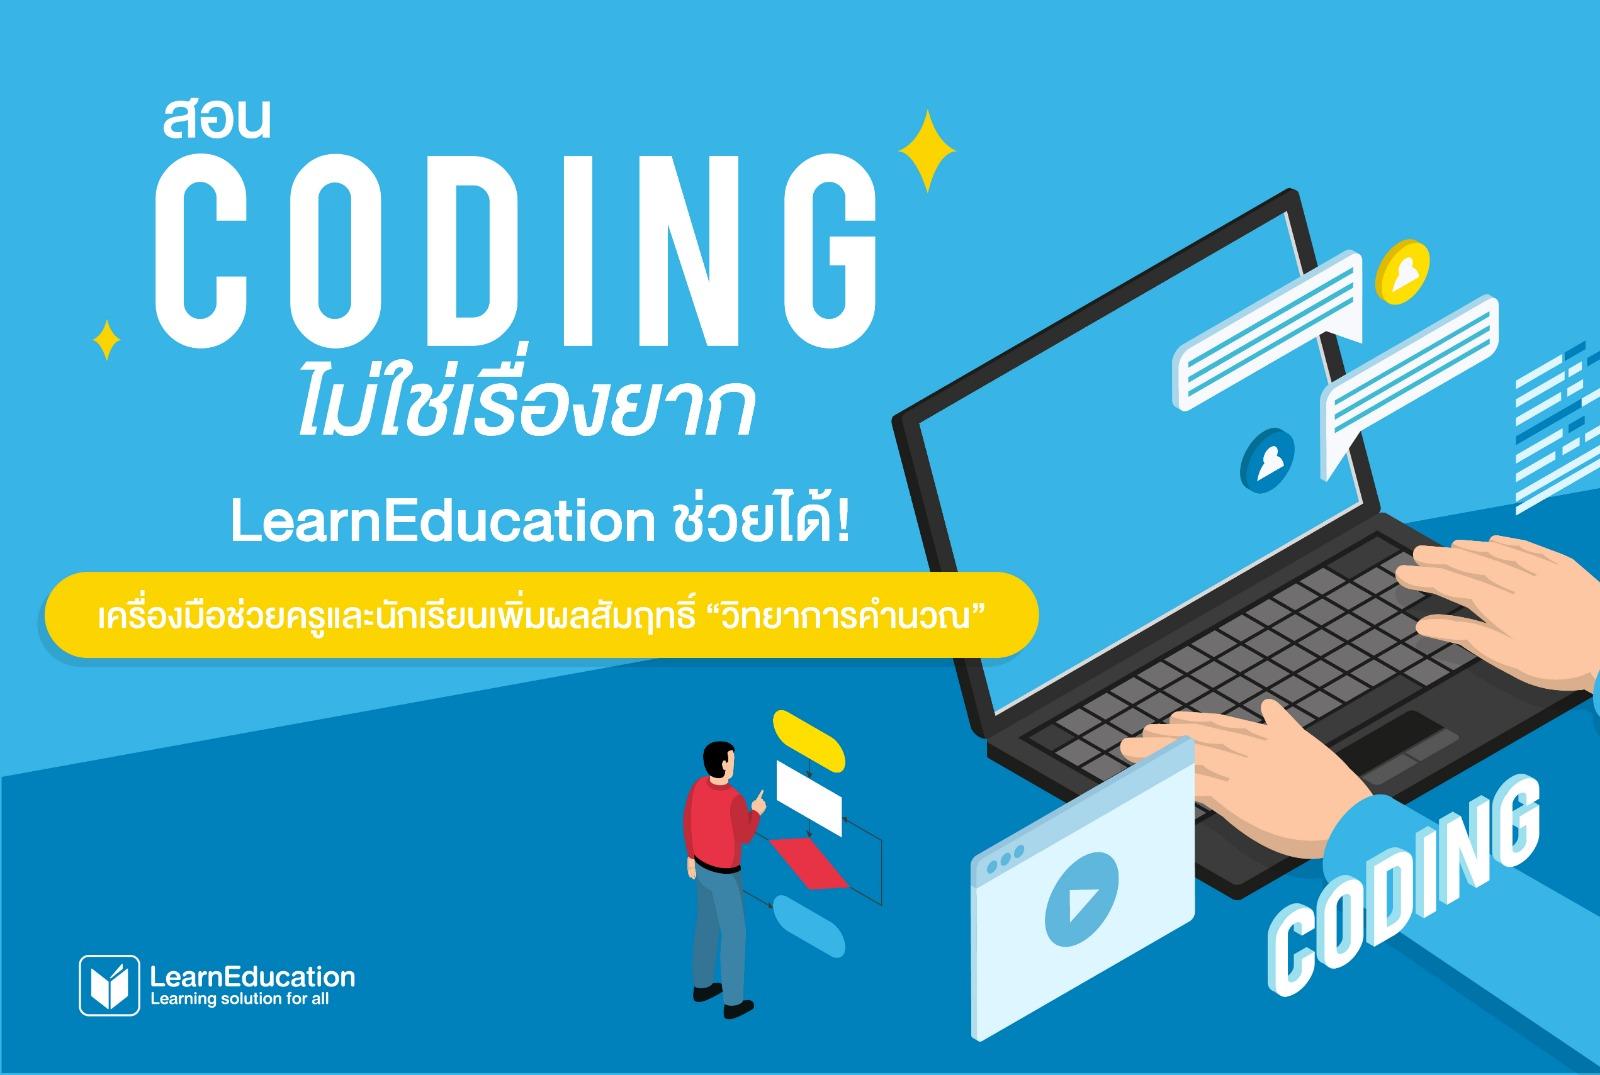 สอน Coding ไม่ใช่เรื่องยาก Learn Education ช่วยได้